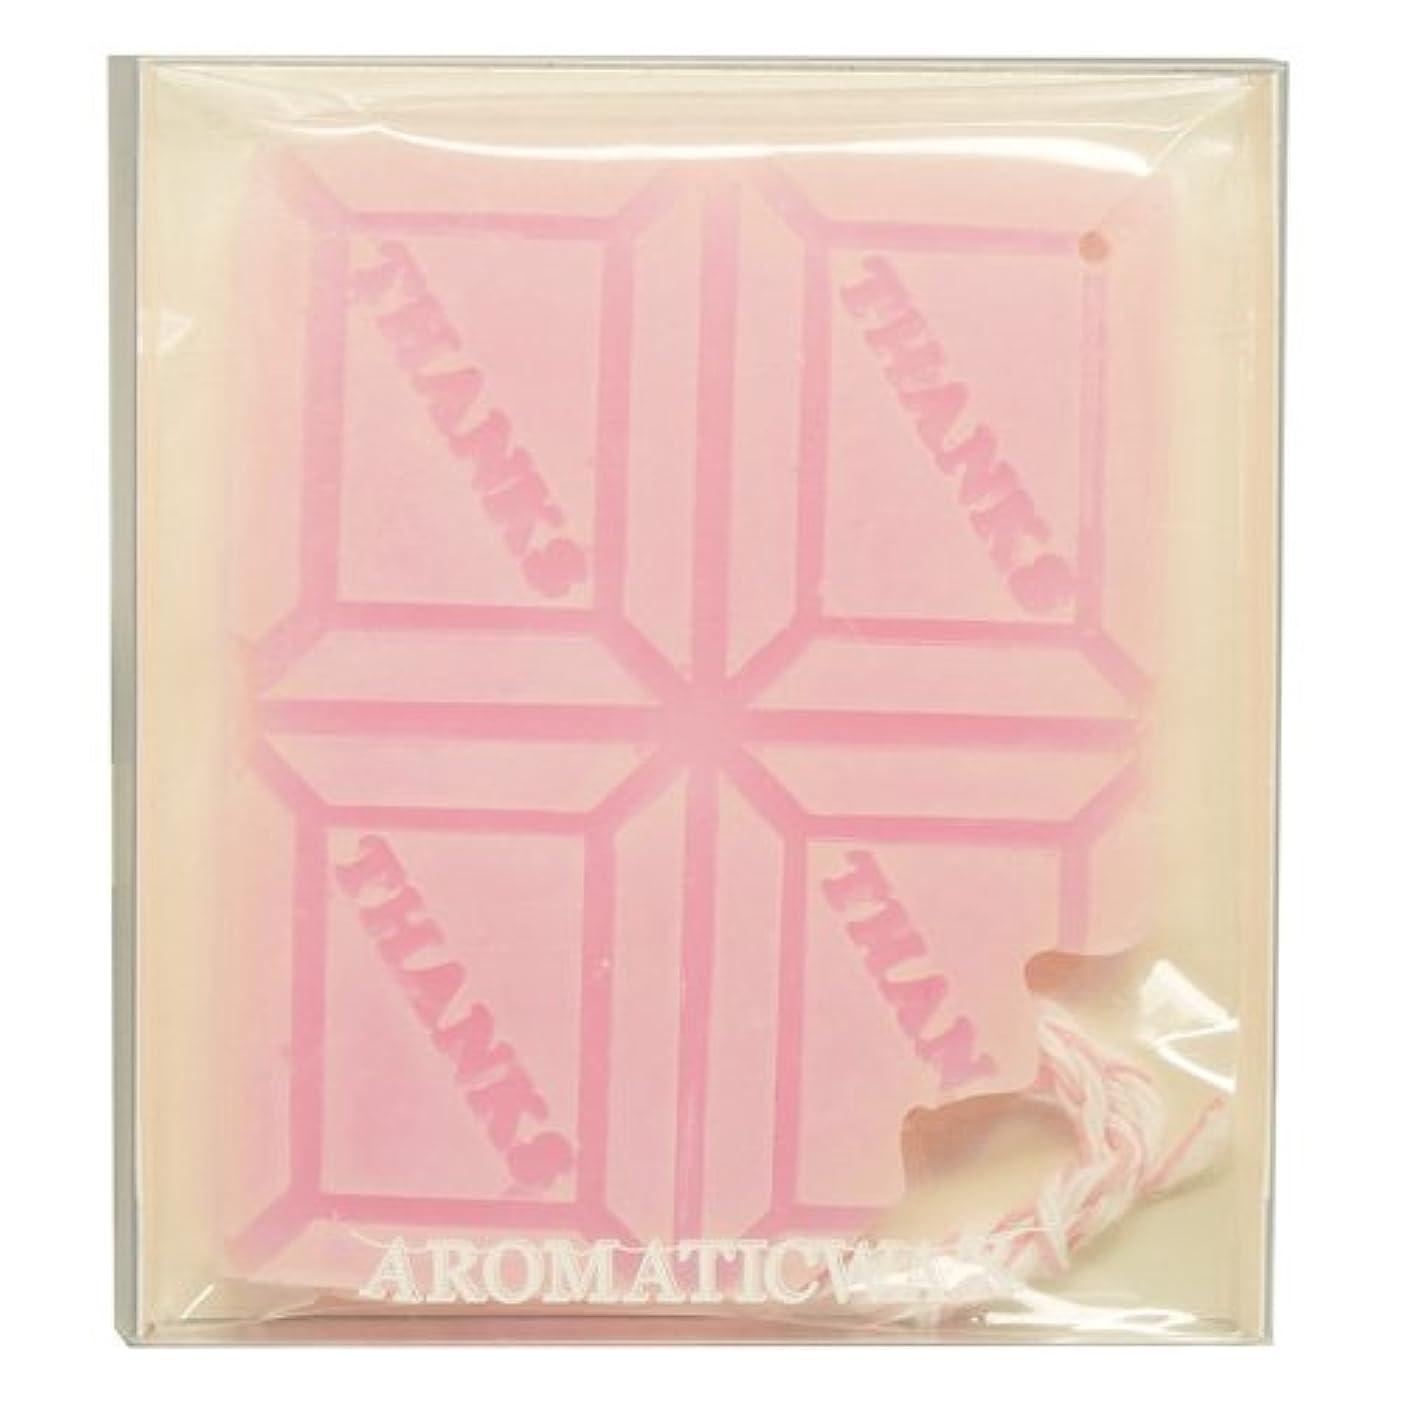 背が高い実施するすみませんGRASSE TOKYO AROMATICWAXチャーム「板チョコ(THANKS)」(PI) ゼラニウム アロマティックワックス グラーストウキョウ